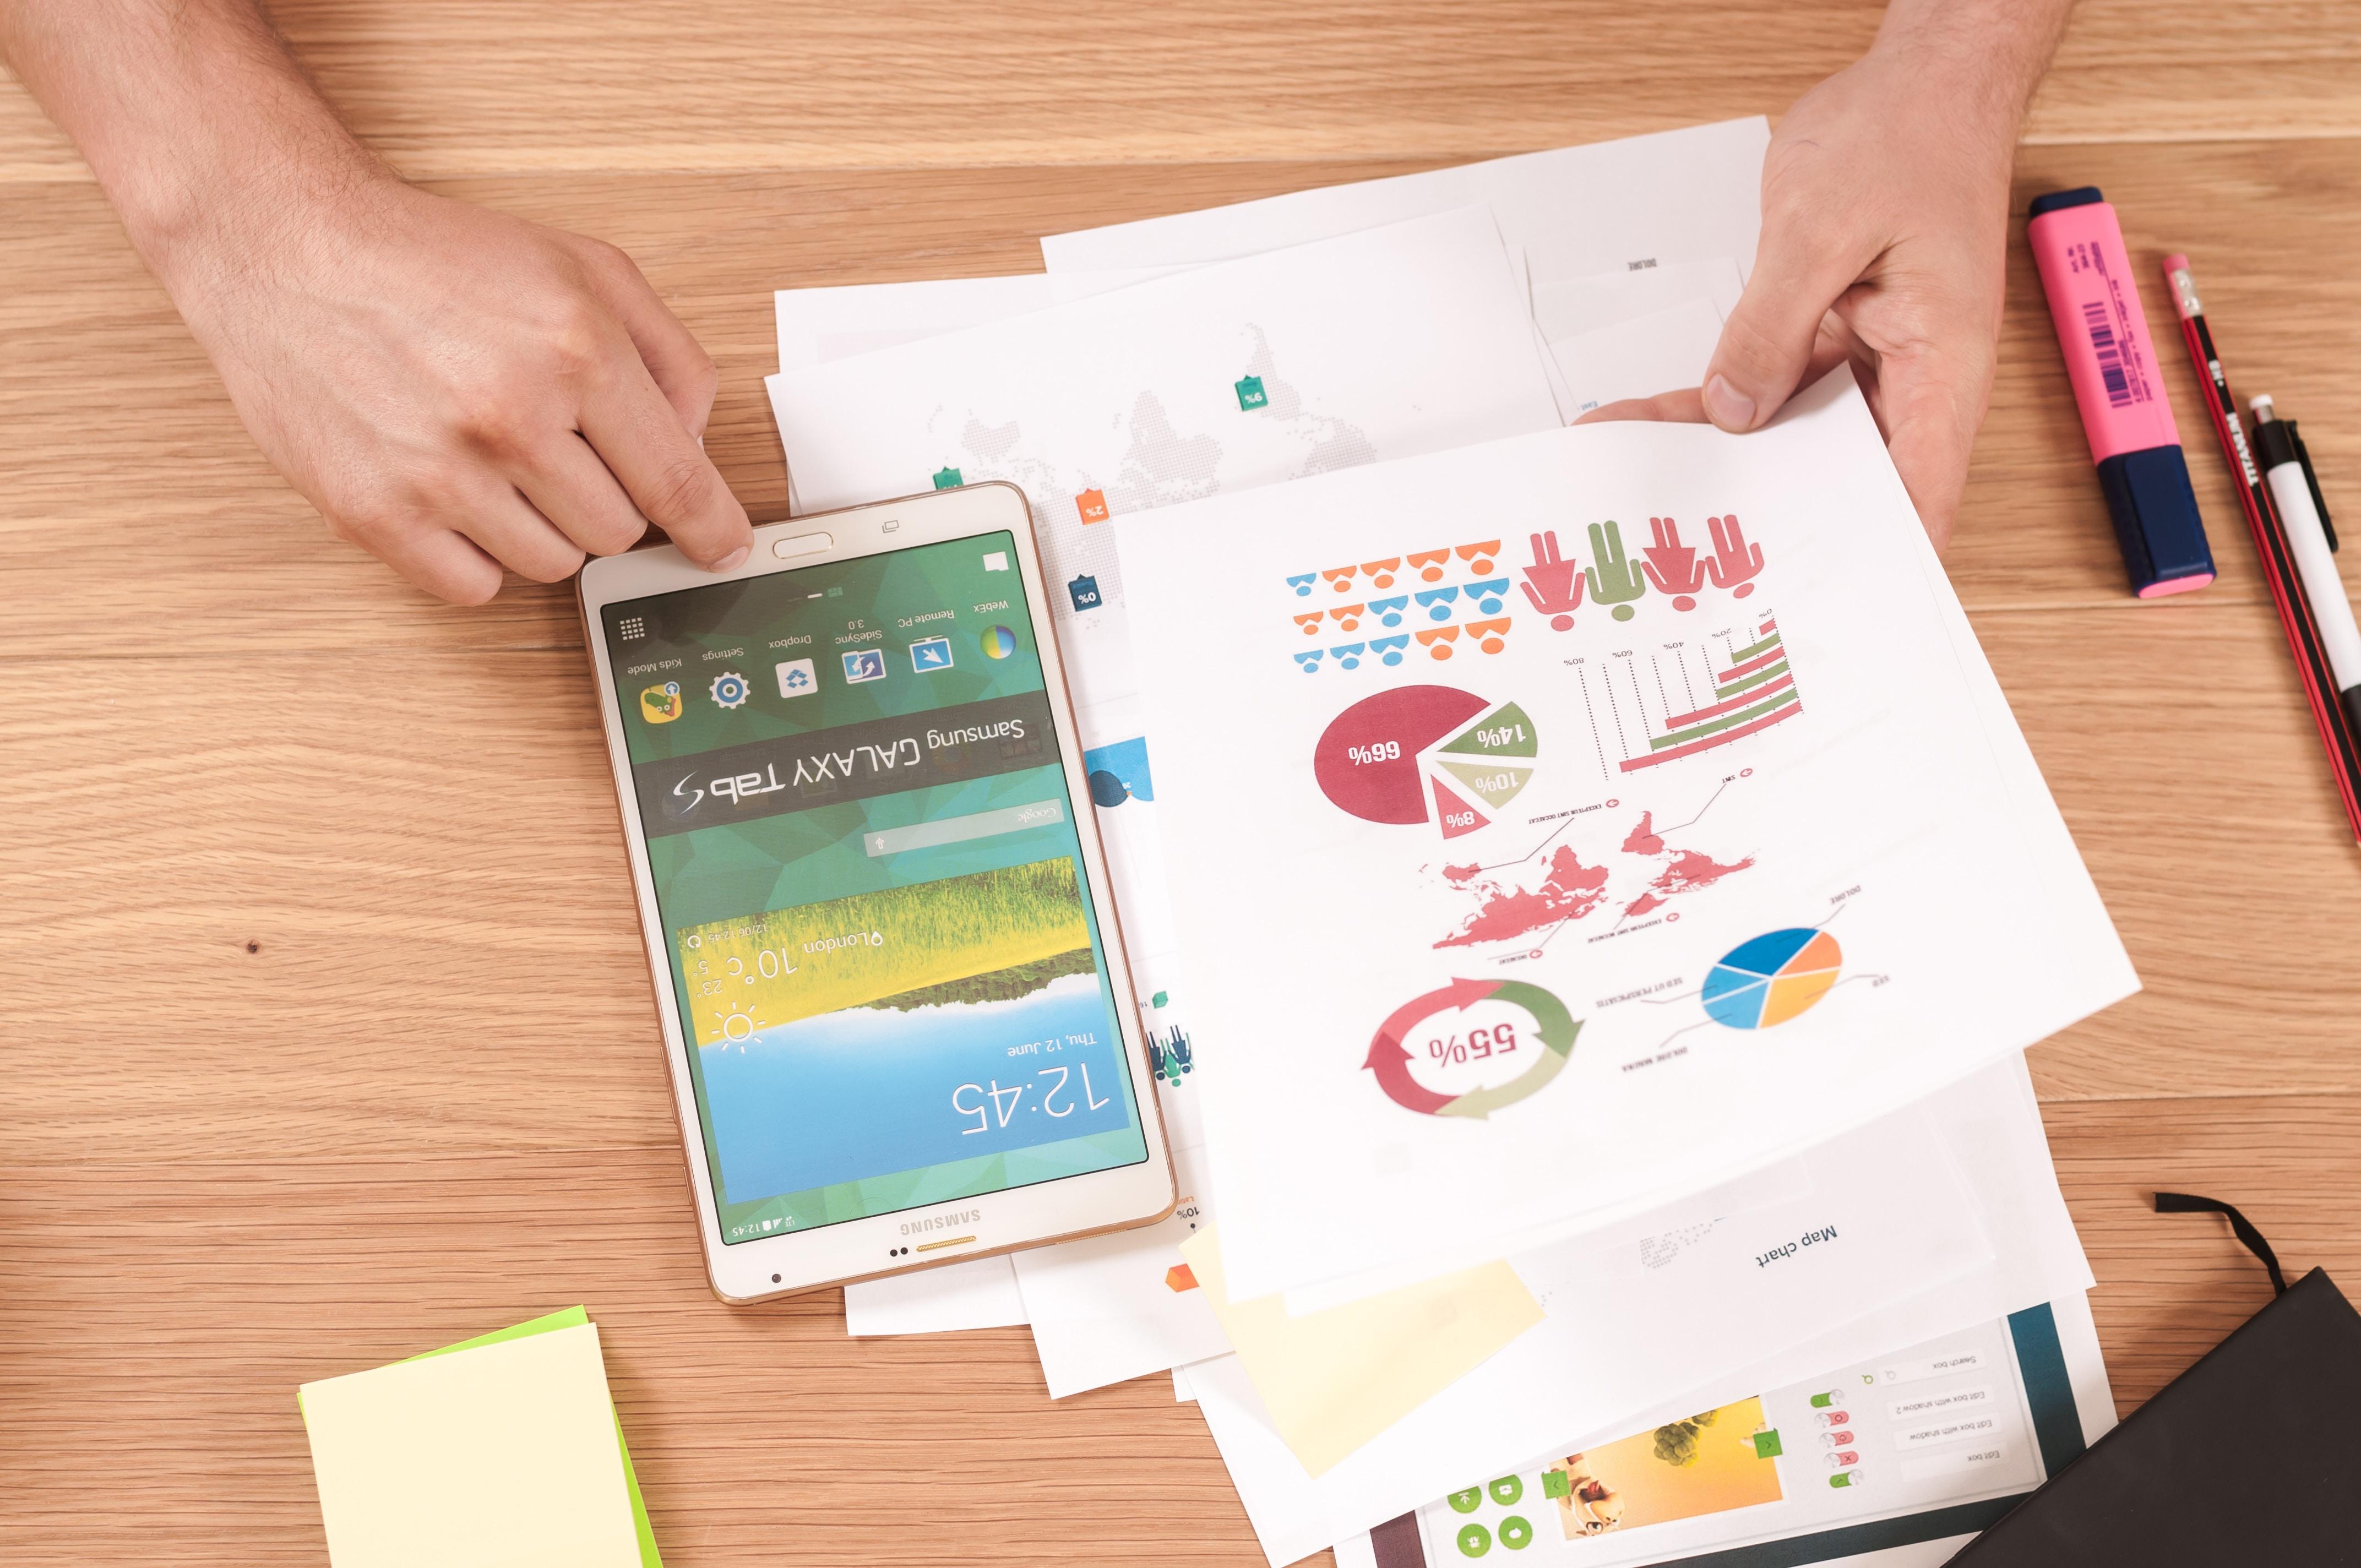 Multiprojektmanagement – alle Ressourcen, Auslastungen und Risiken im Blick